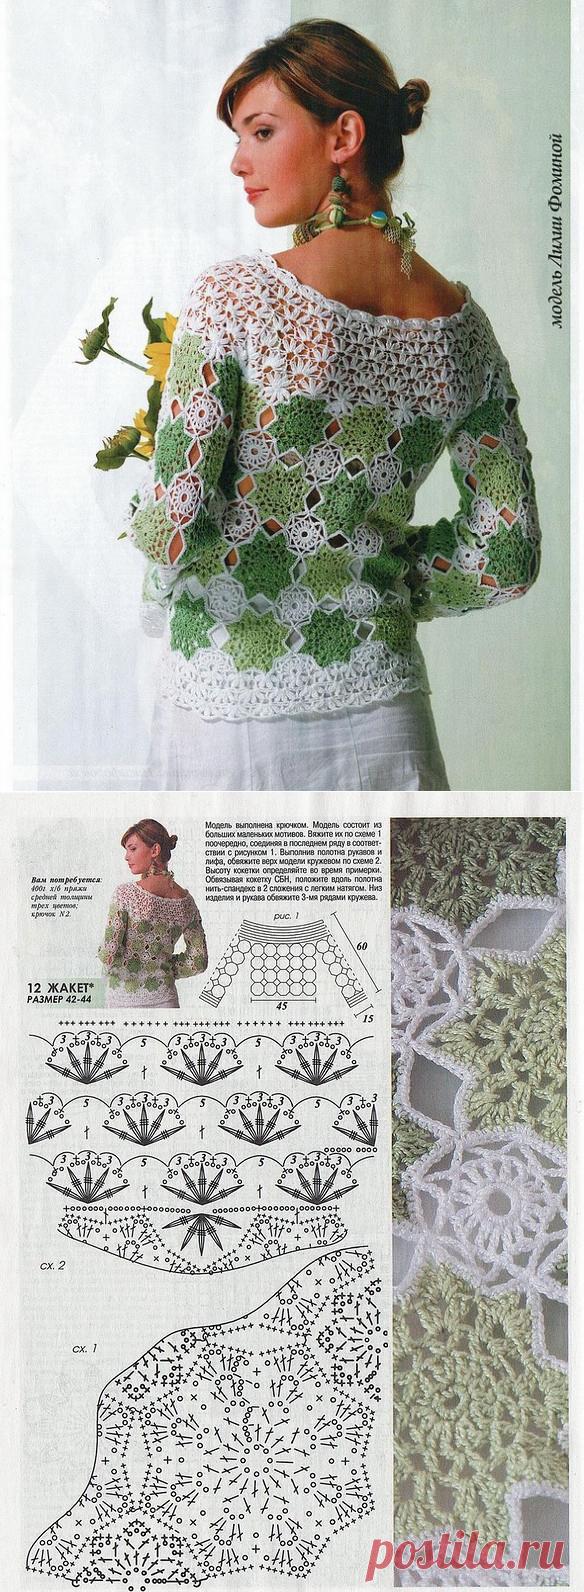 crochelinhasagulhas: Blusa com squares em crochê